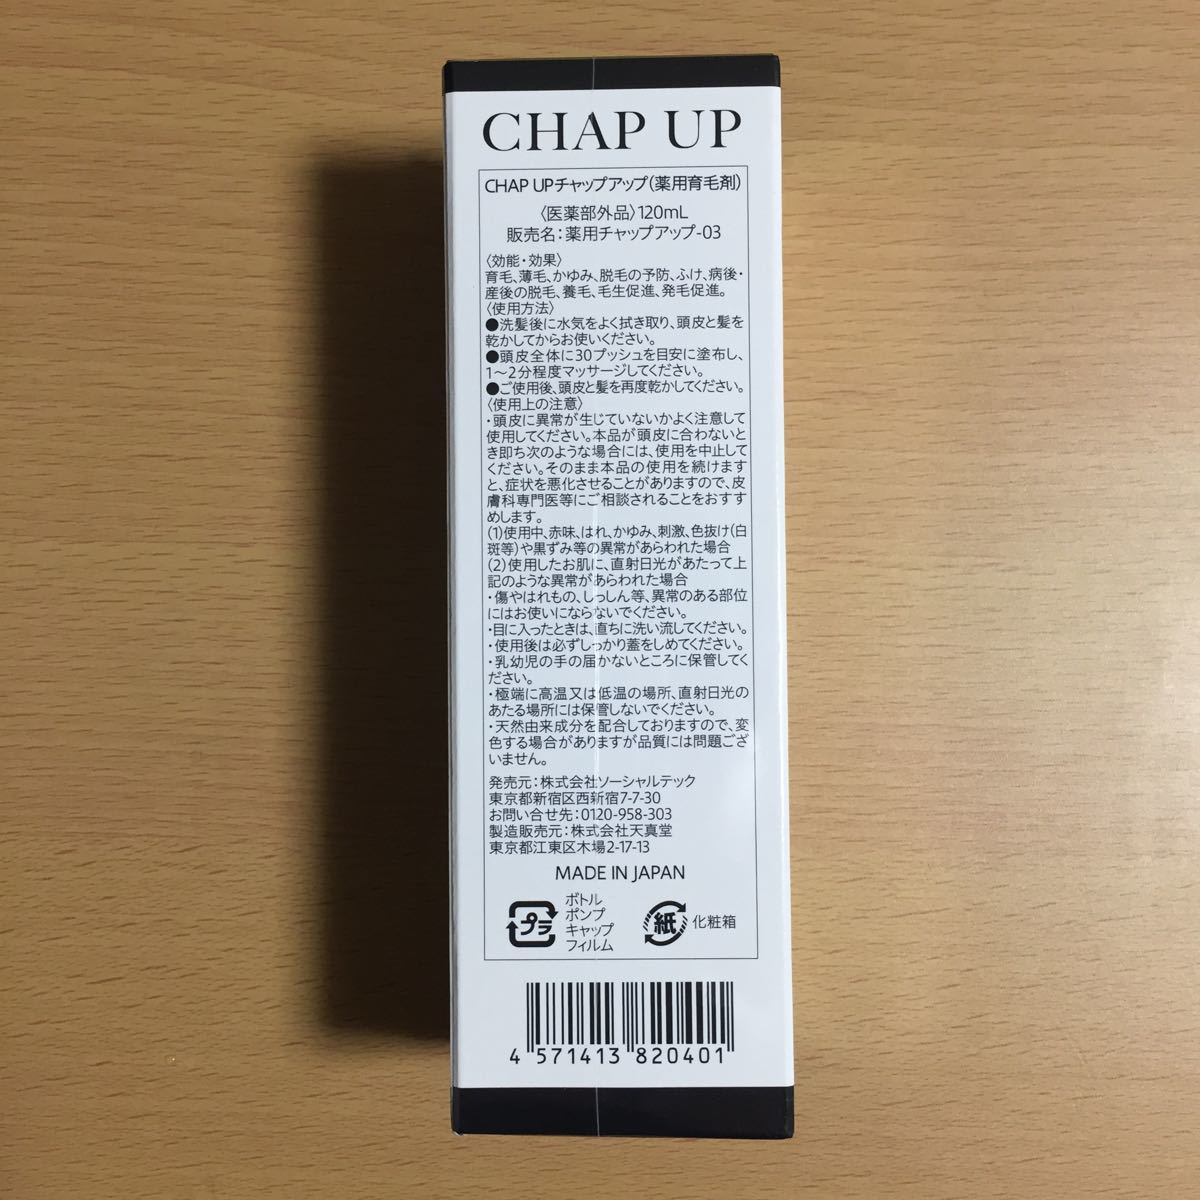 チャップアップ 薬用育毛剤 120ml 新品未開封 CHAP UP